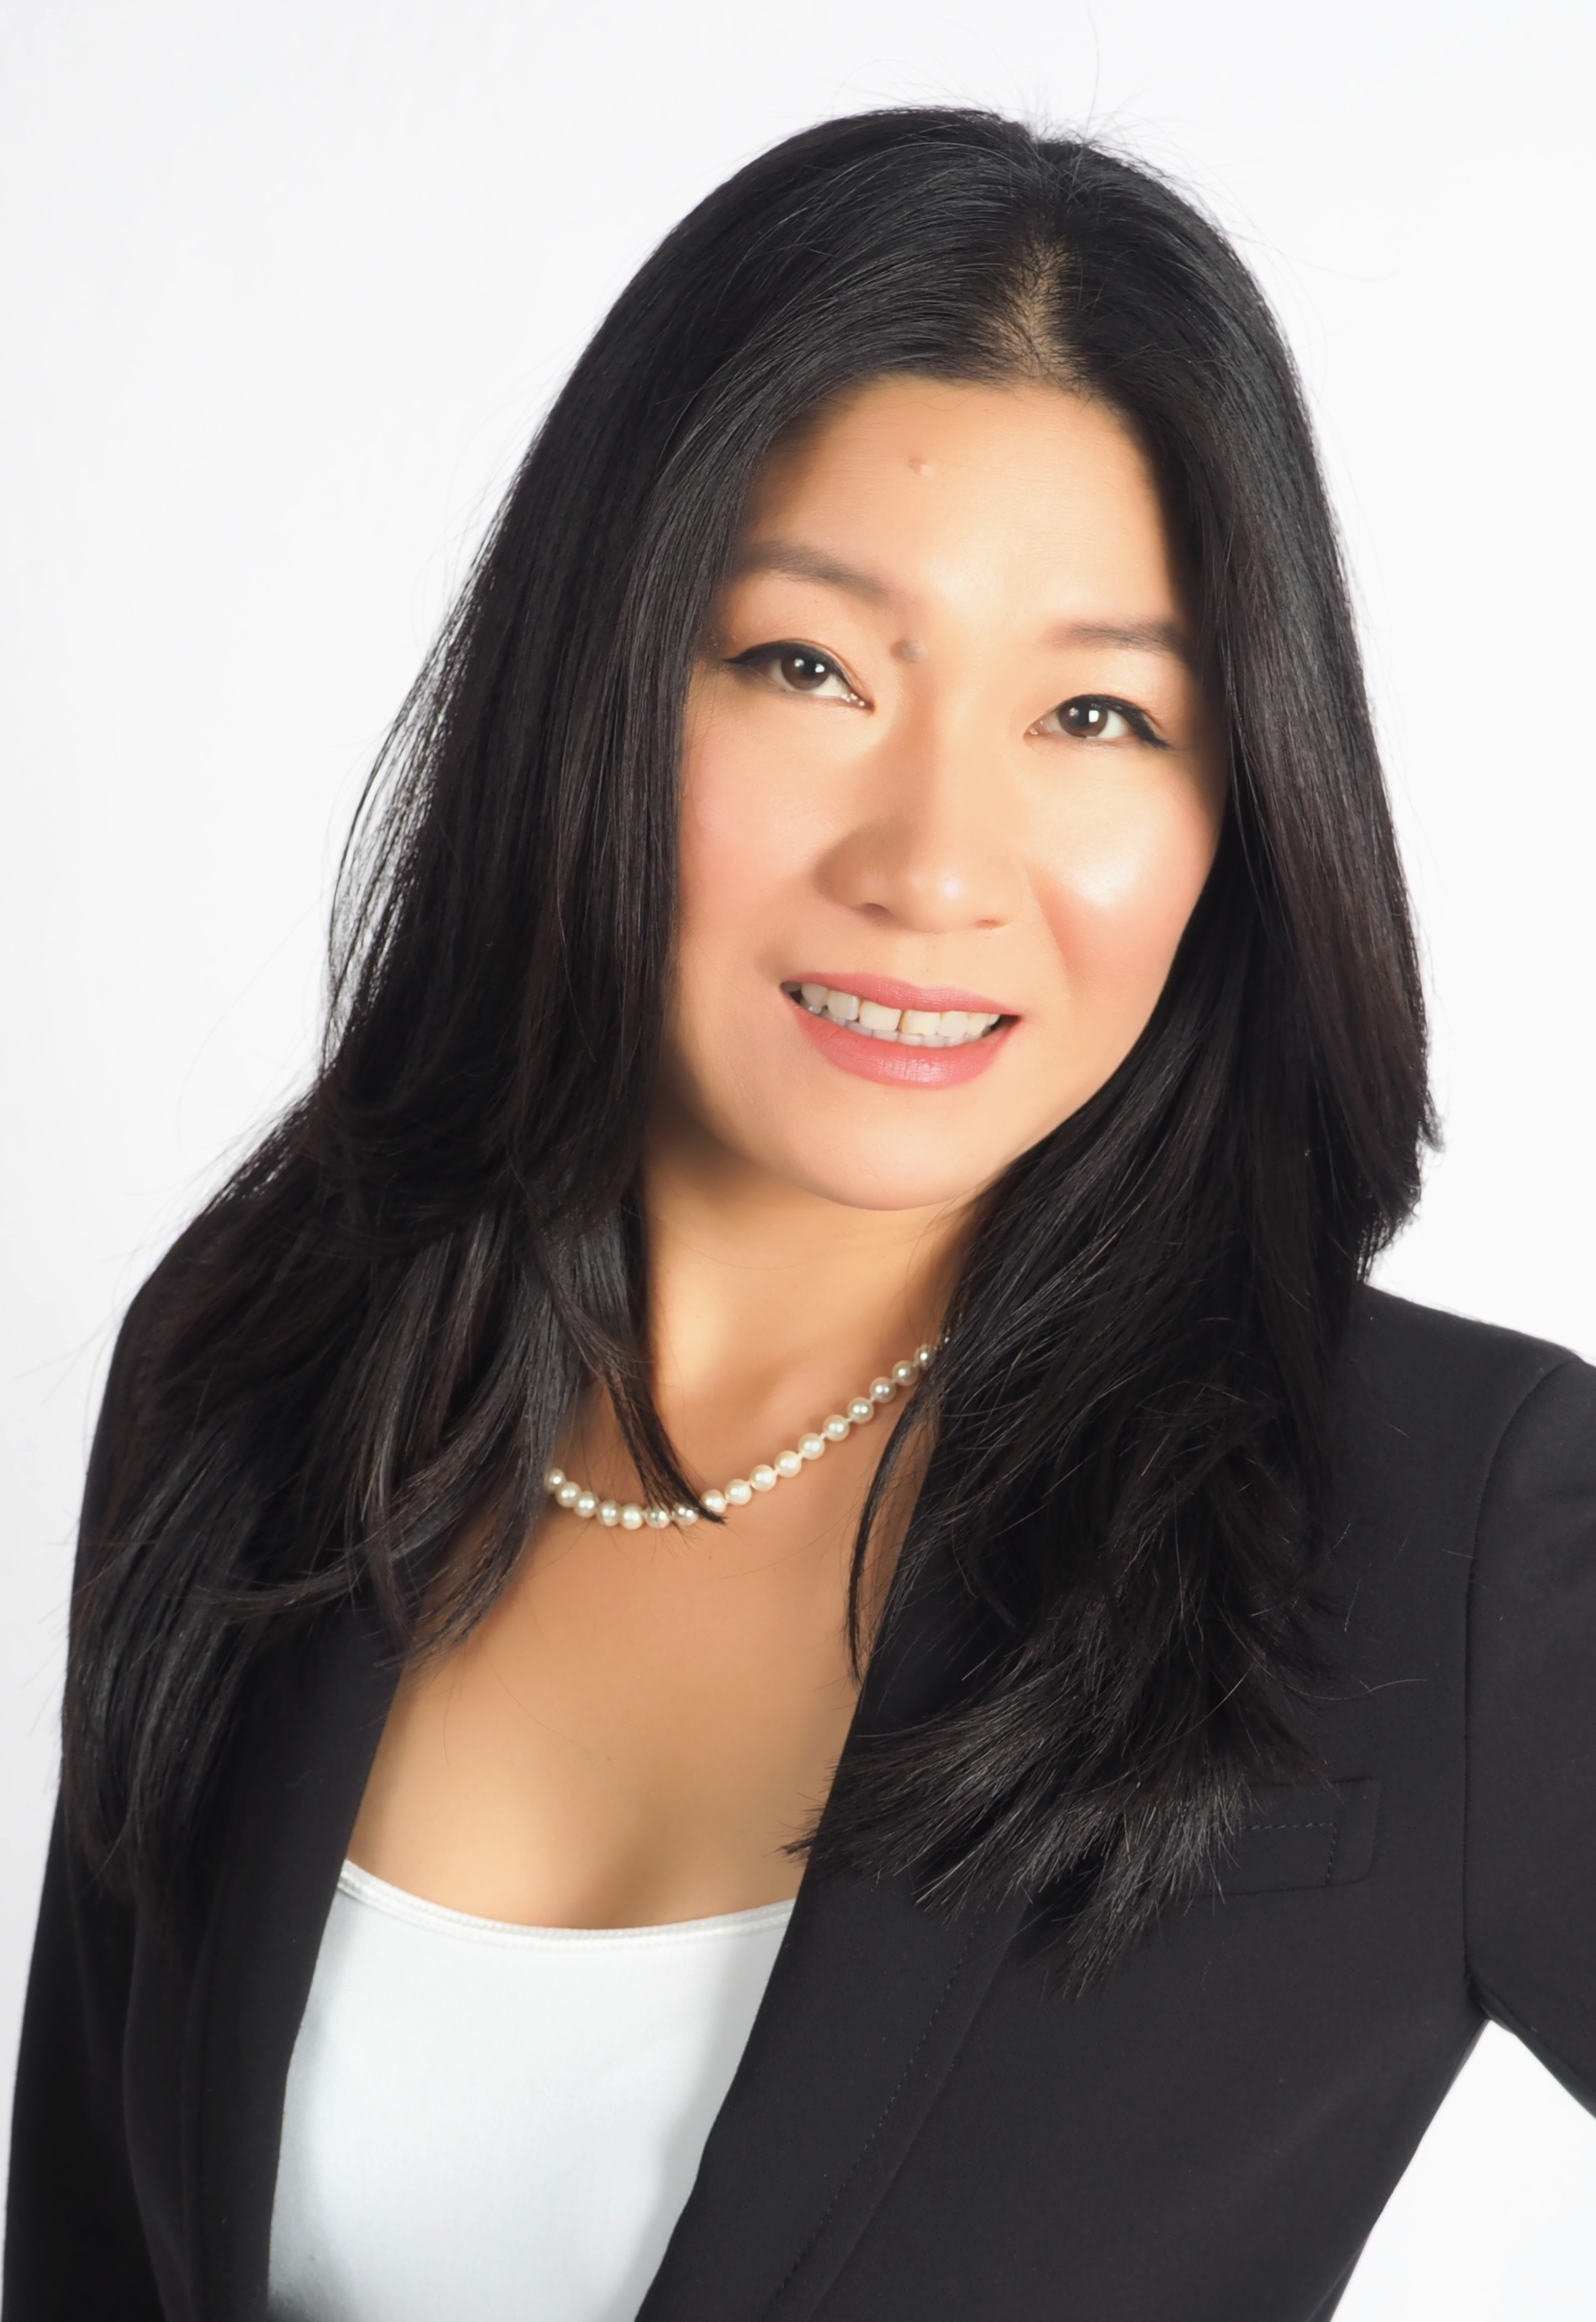 Jing Liu